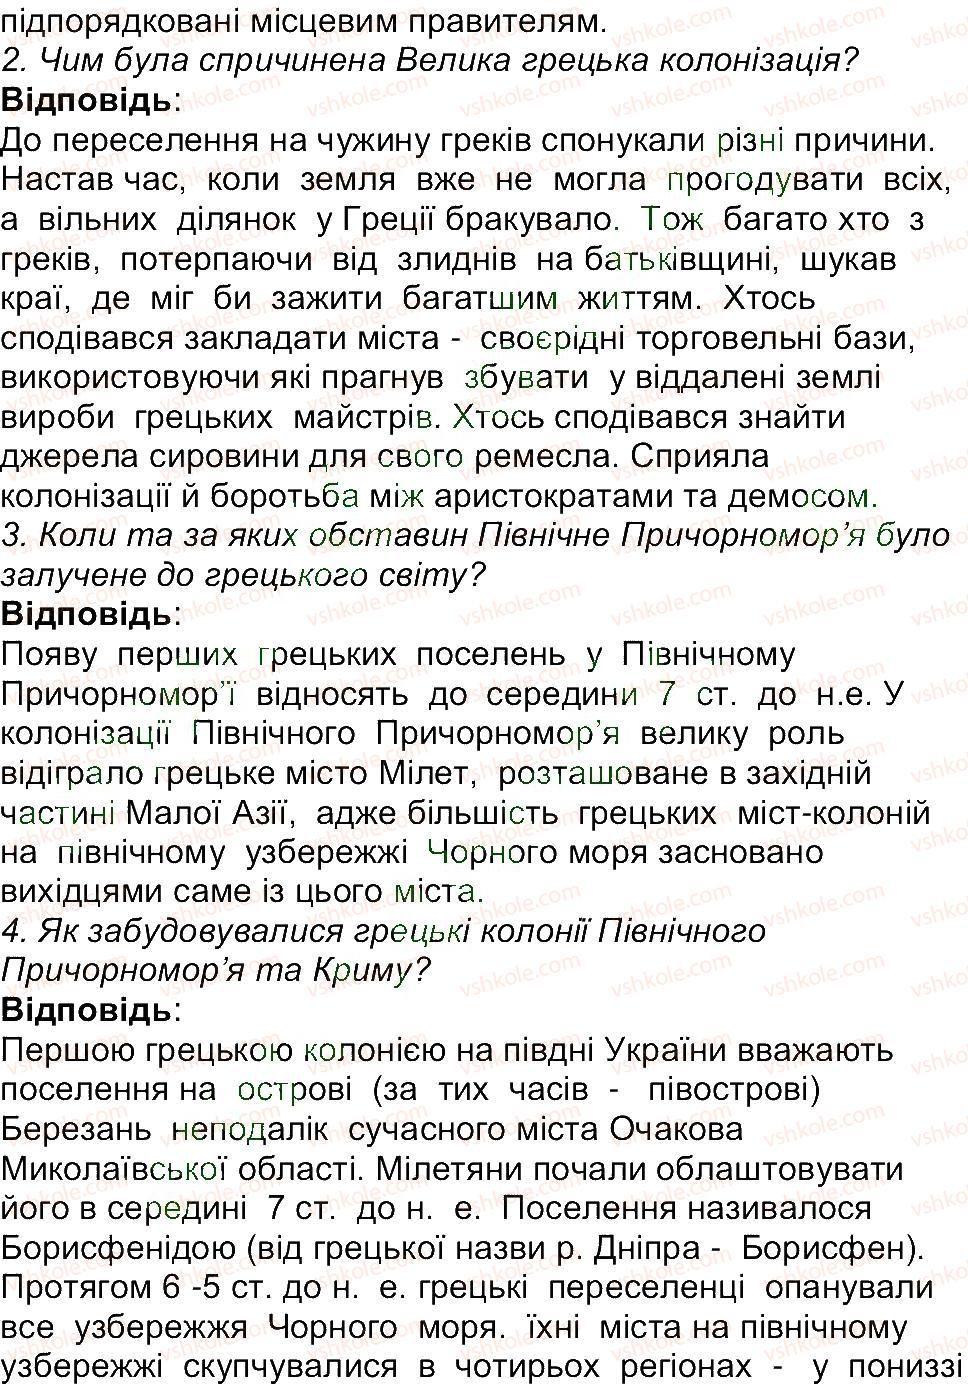 6-istoriya-og-bandrovskij-vs-vlasov-2014--storinki-143200-147-rnd9920.jpg